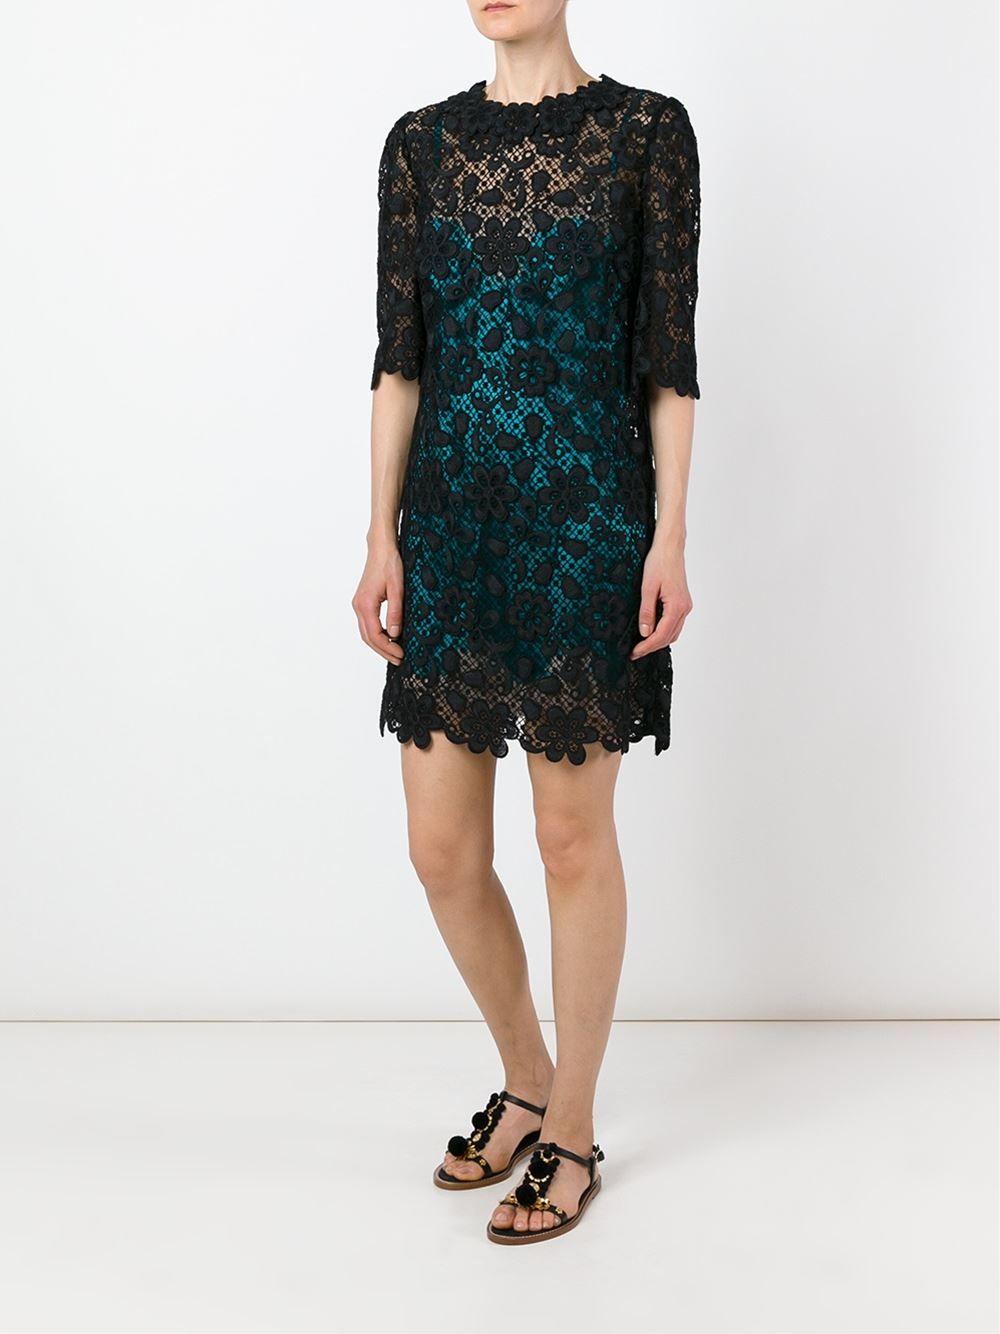 7132fc638 Dolce & Gabbana Vestido de renda Vestidos De Grife, Sapatos Importados,  Vestidos Casuais,